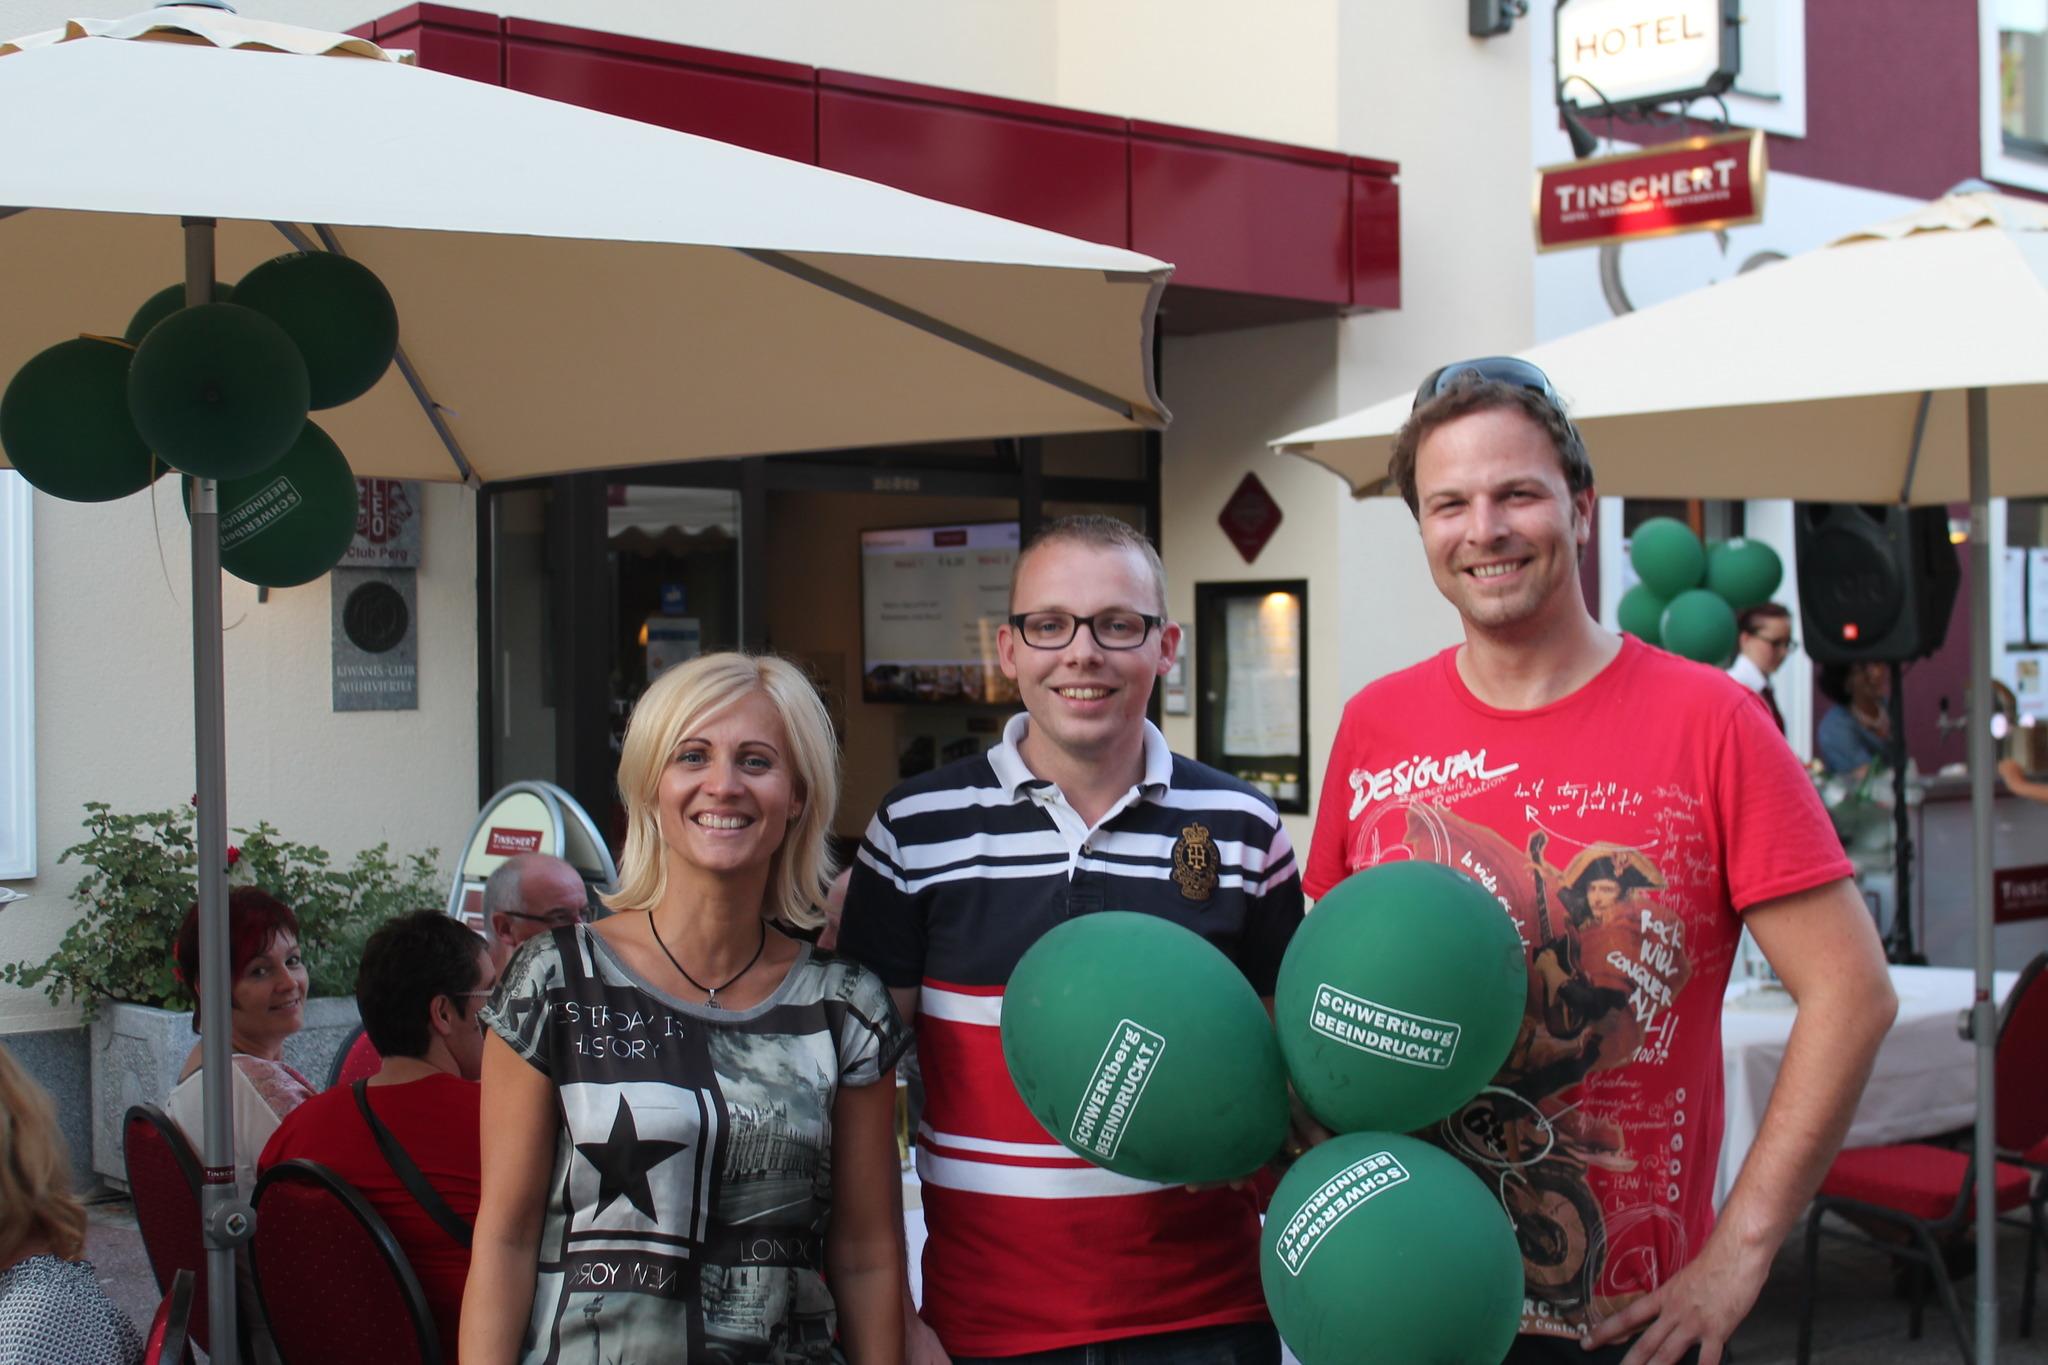 Mairausch - 07.05.2011 - ASK Sporthalle Schwertberg